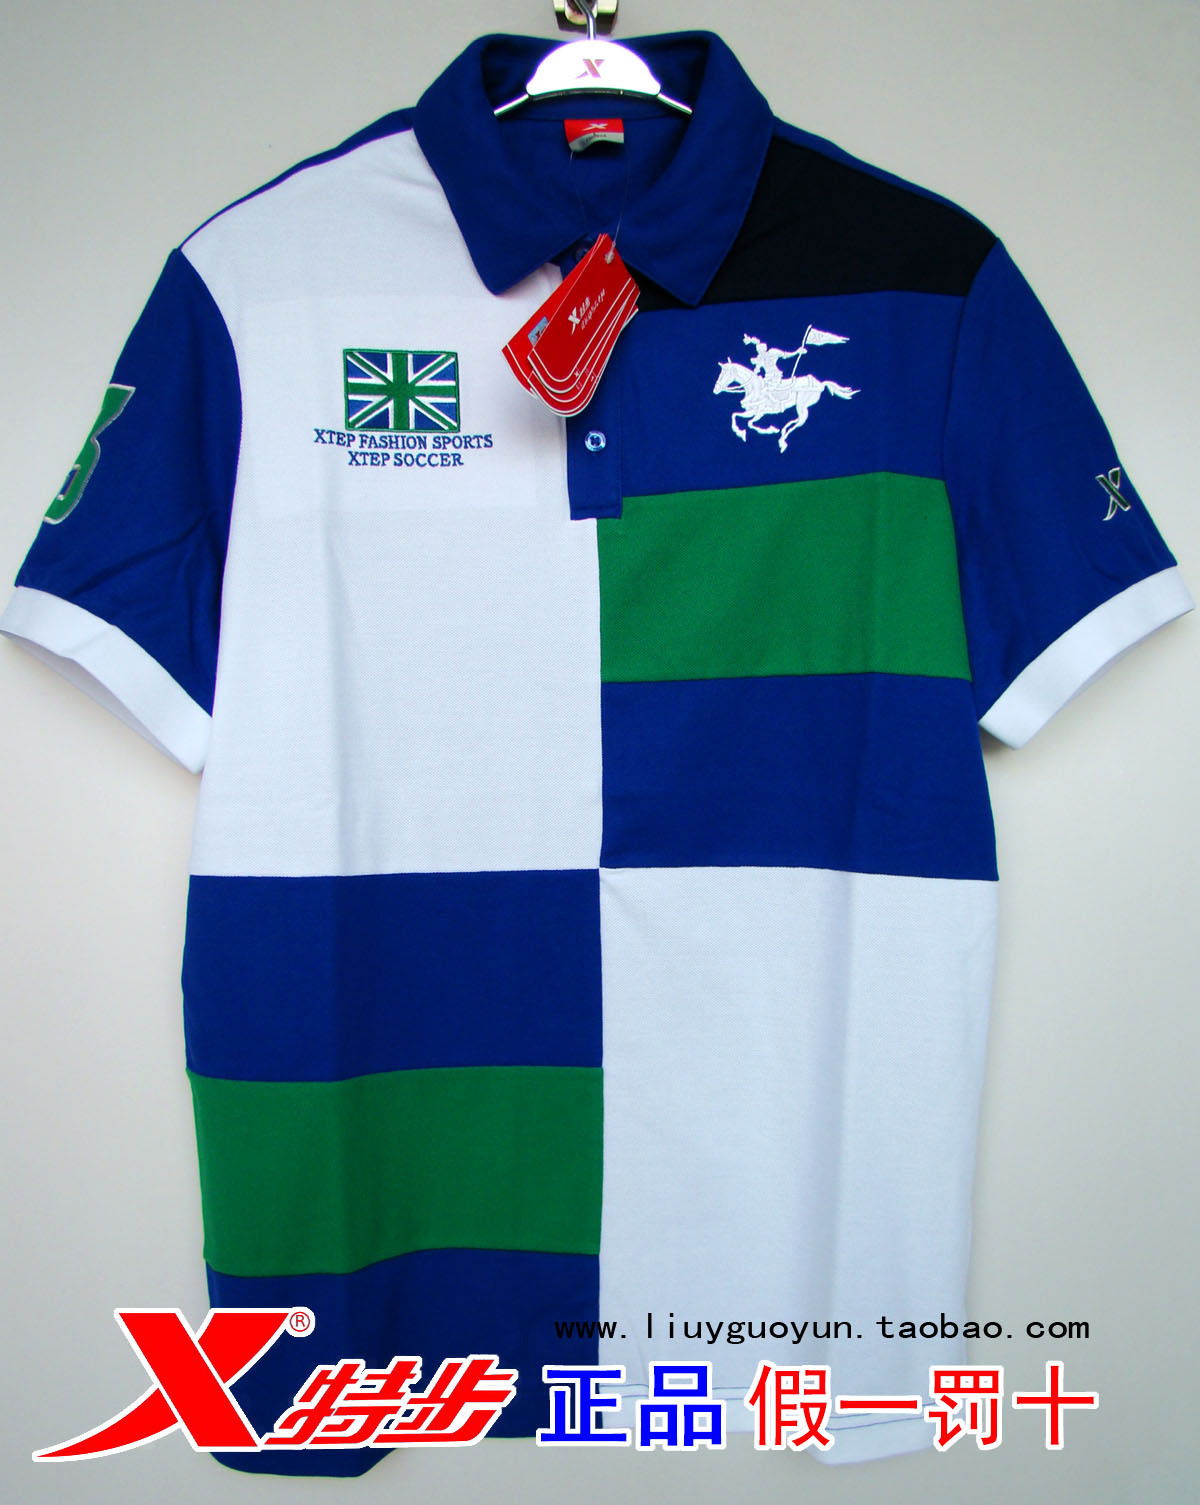 Спортивная футболка Xtep fm470070 2011 POLO Воротник-стойка